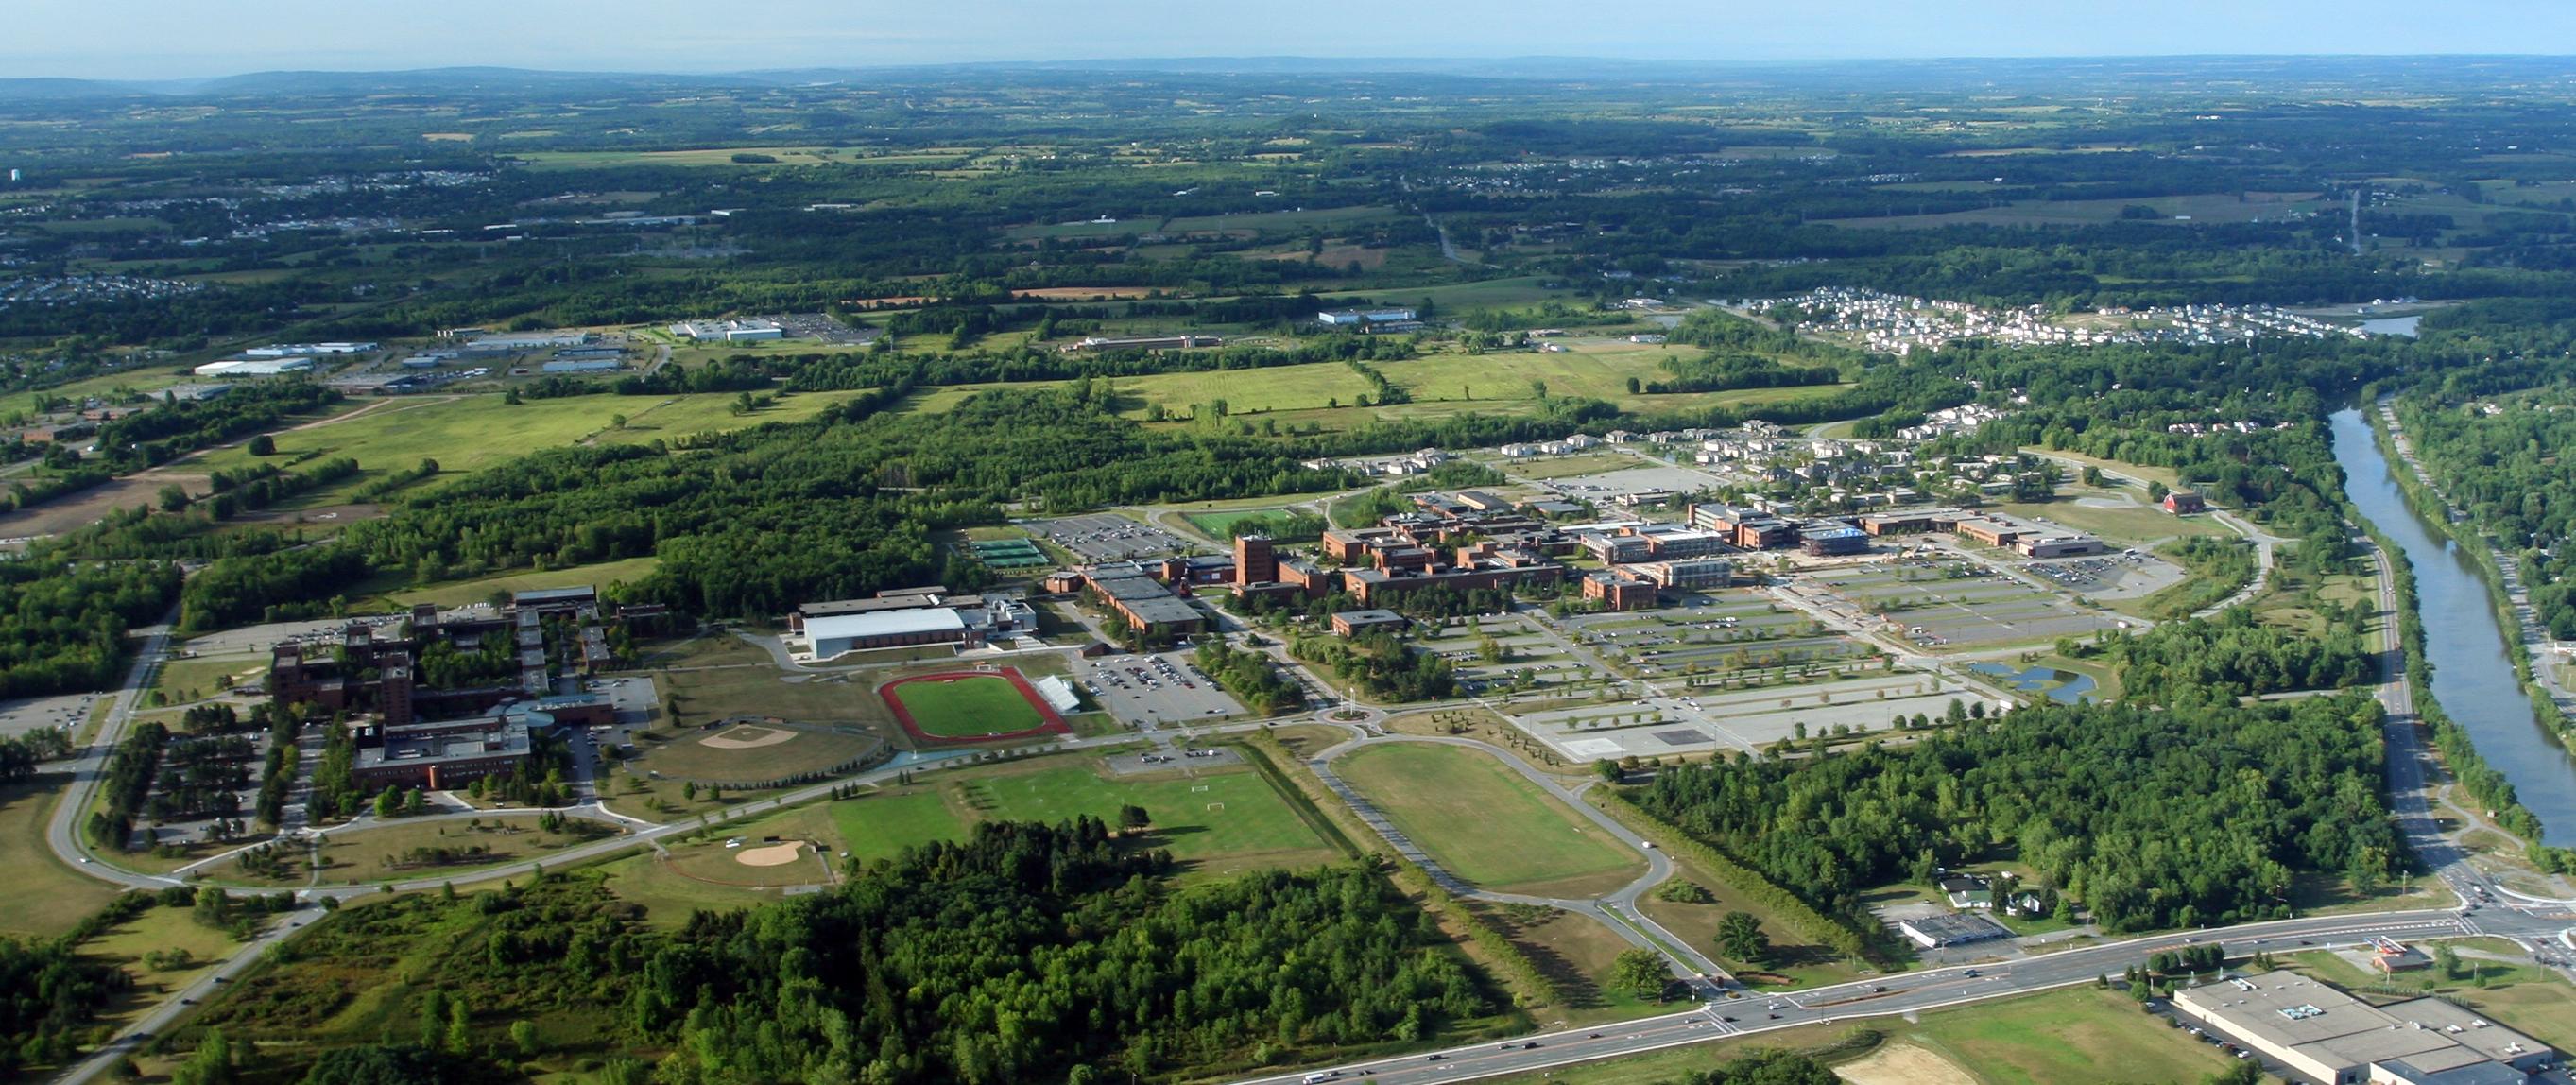 ロチェスター工科大学がアディティブ・マニュファクチャリング・プリントセンターを開設